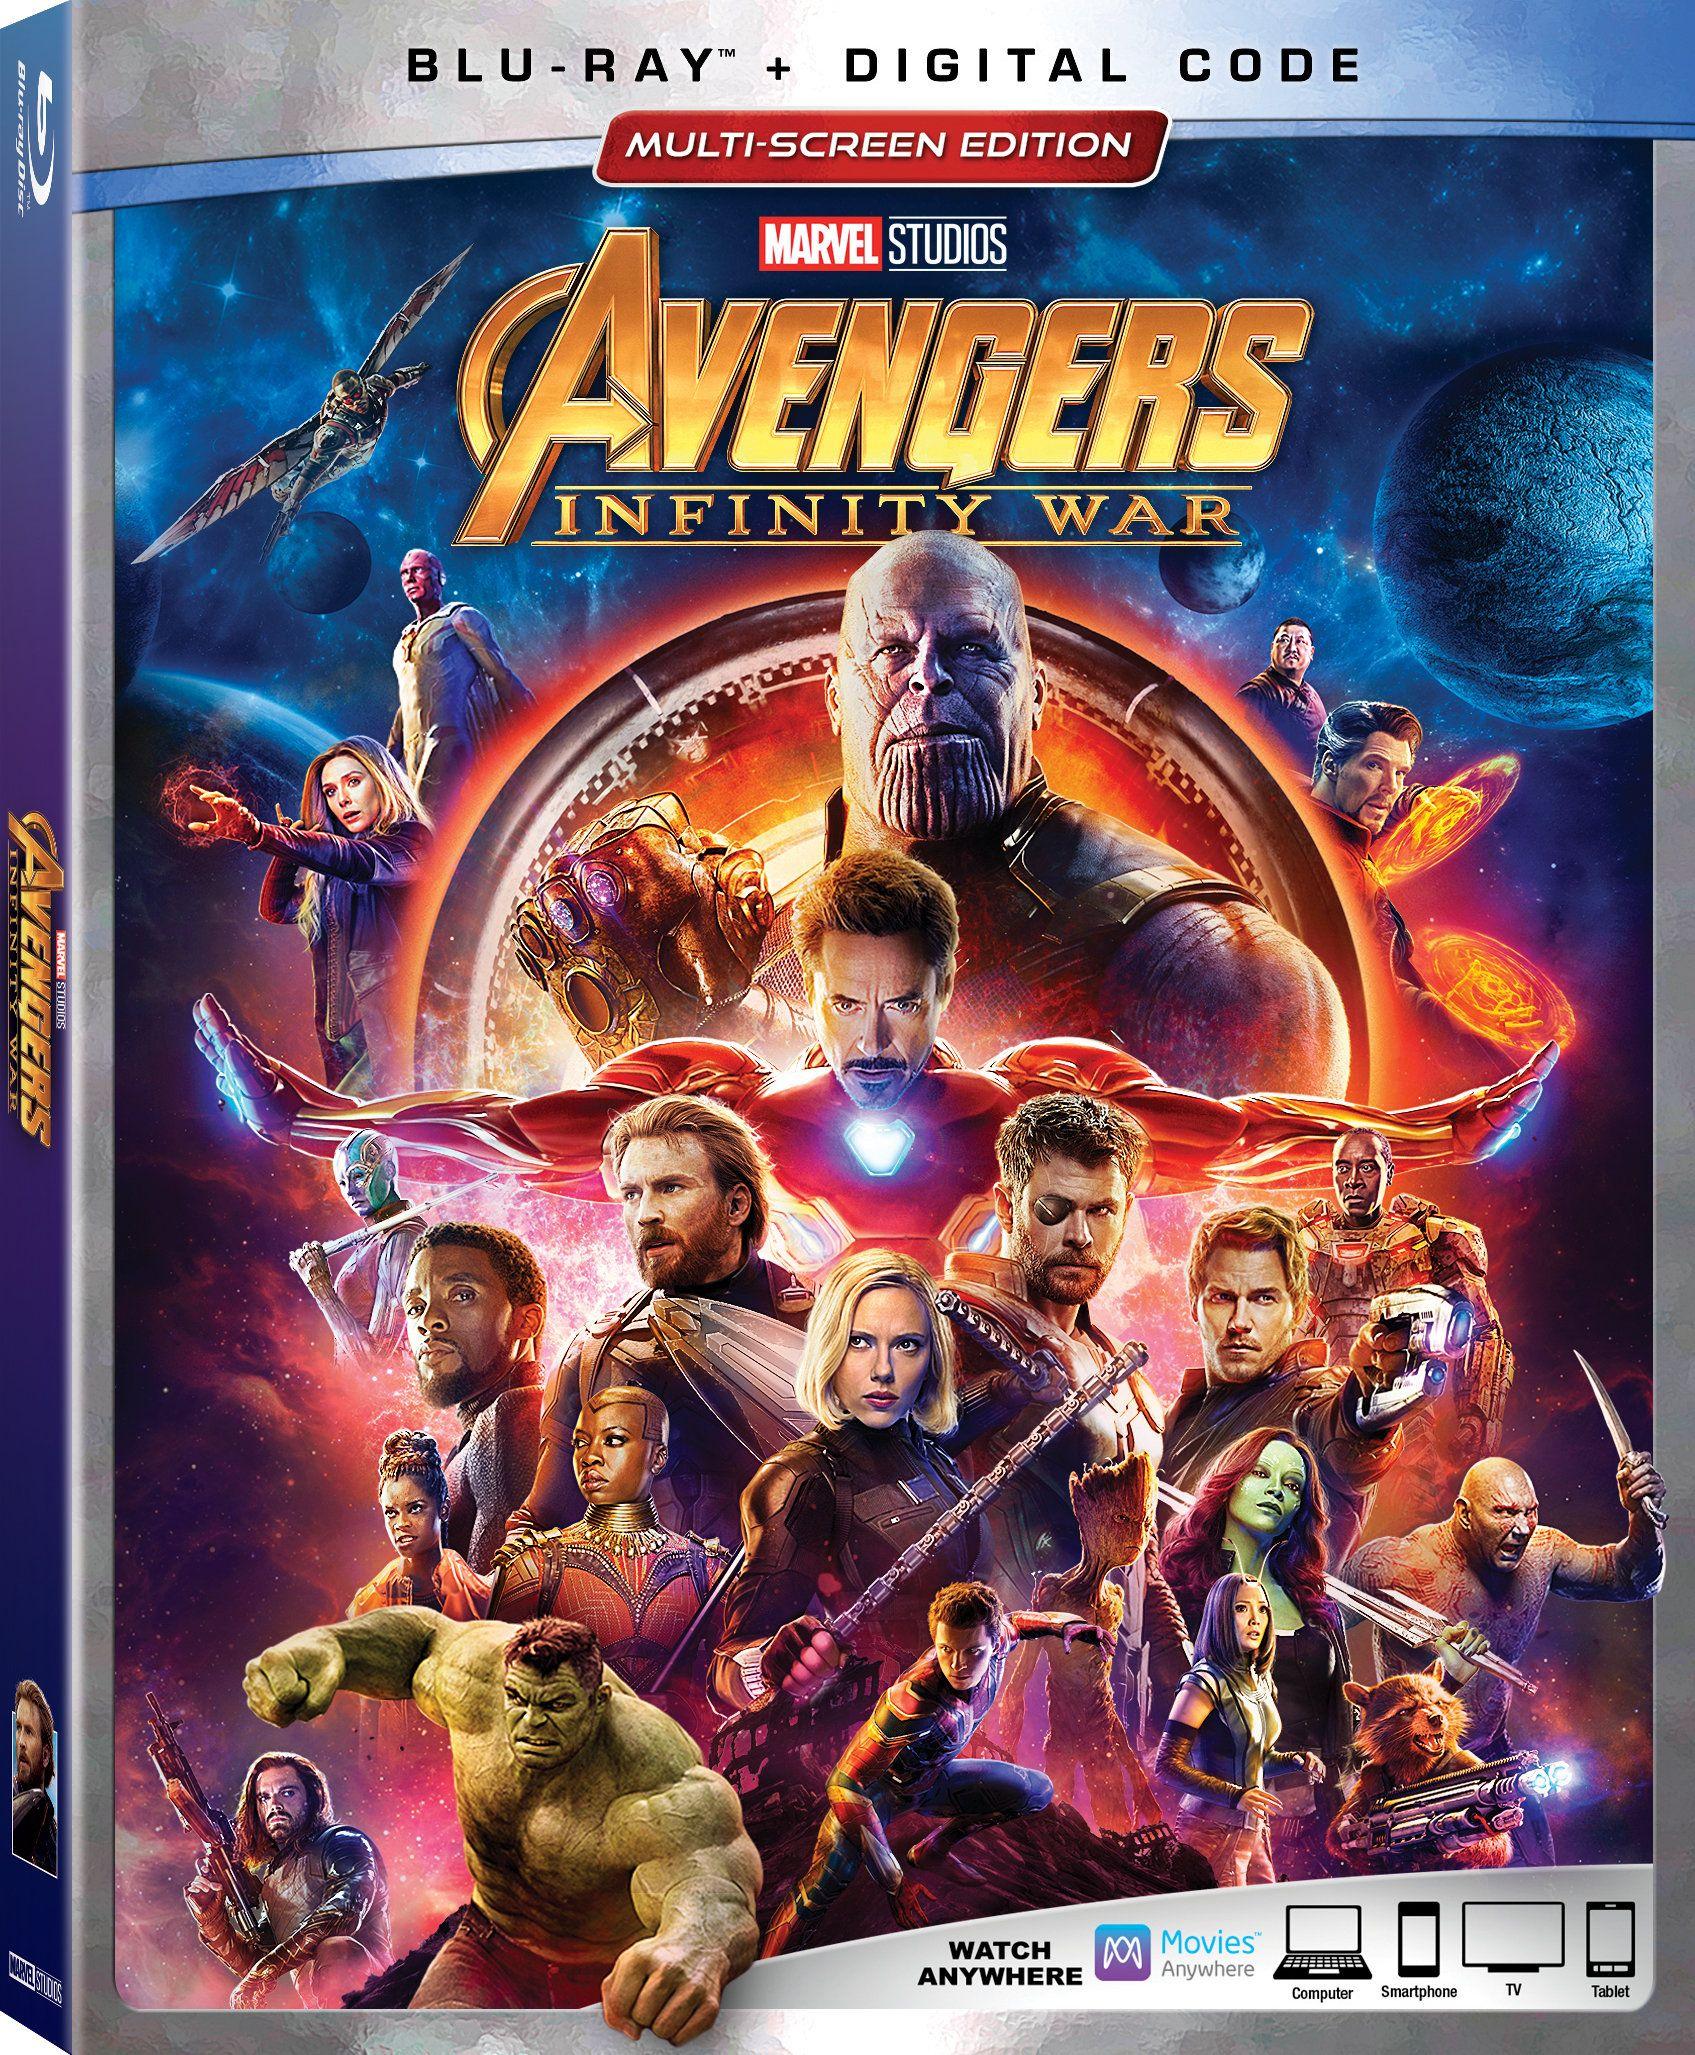 Avengers Infinity War Arriving Digitally And On Blu Ray Infinity War Avengers Avengers Infinity War